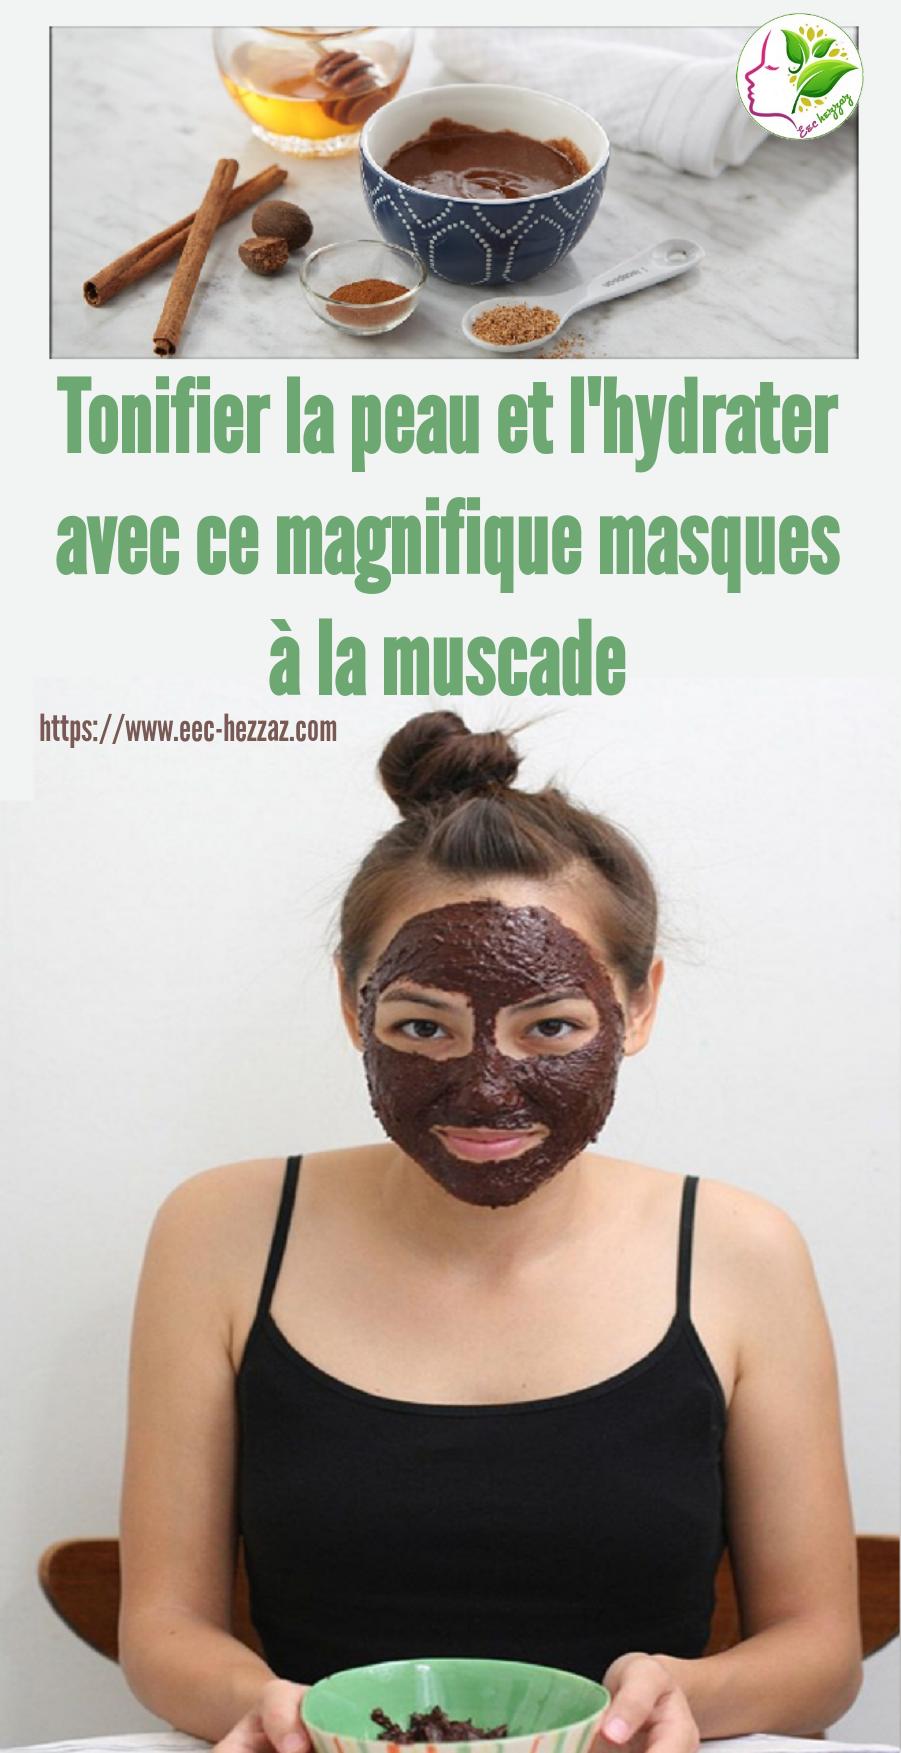 Tonifier la peau et l'hydrater avec ce magnifique masques à la muscade